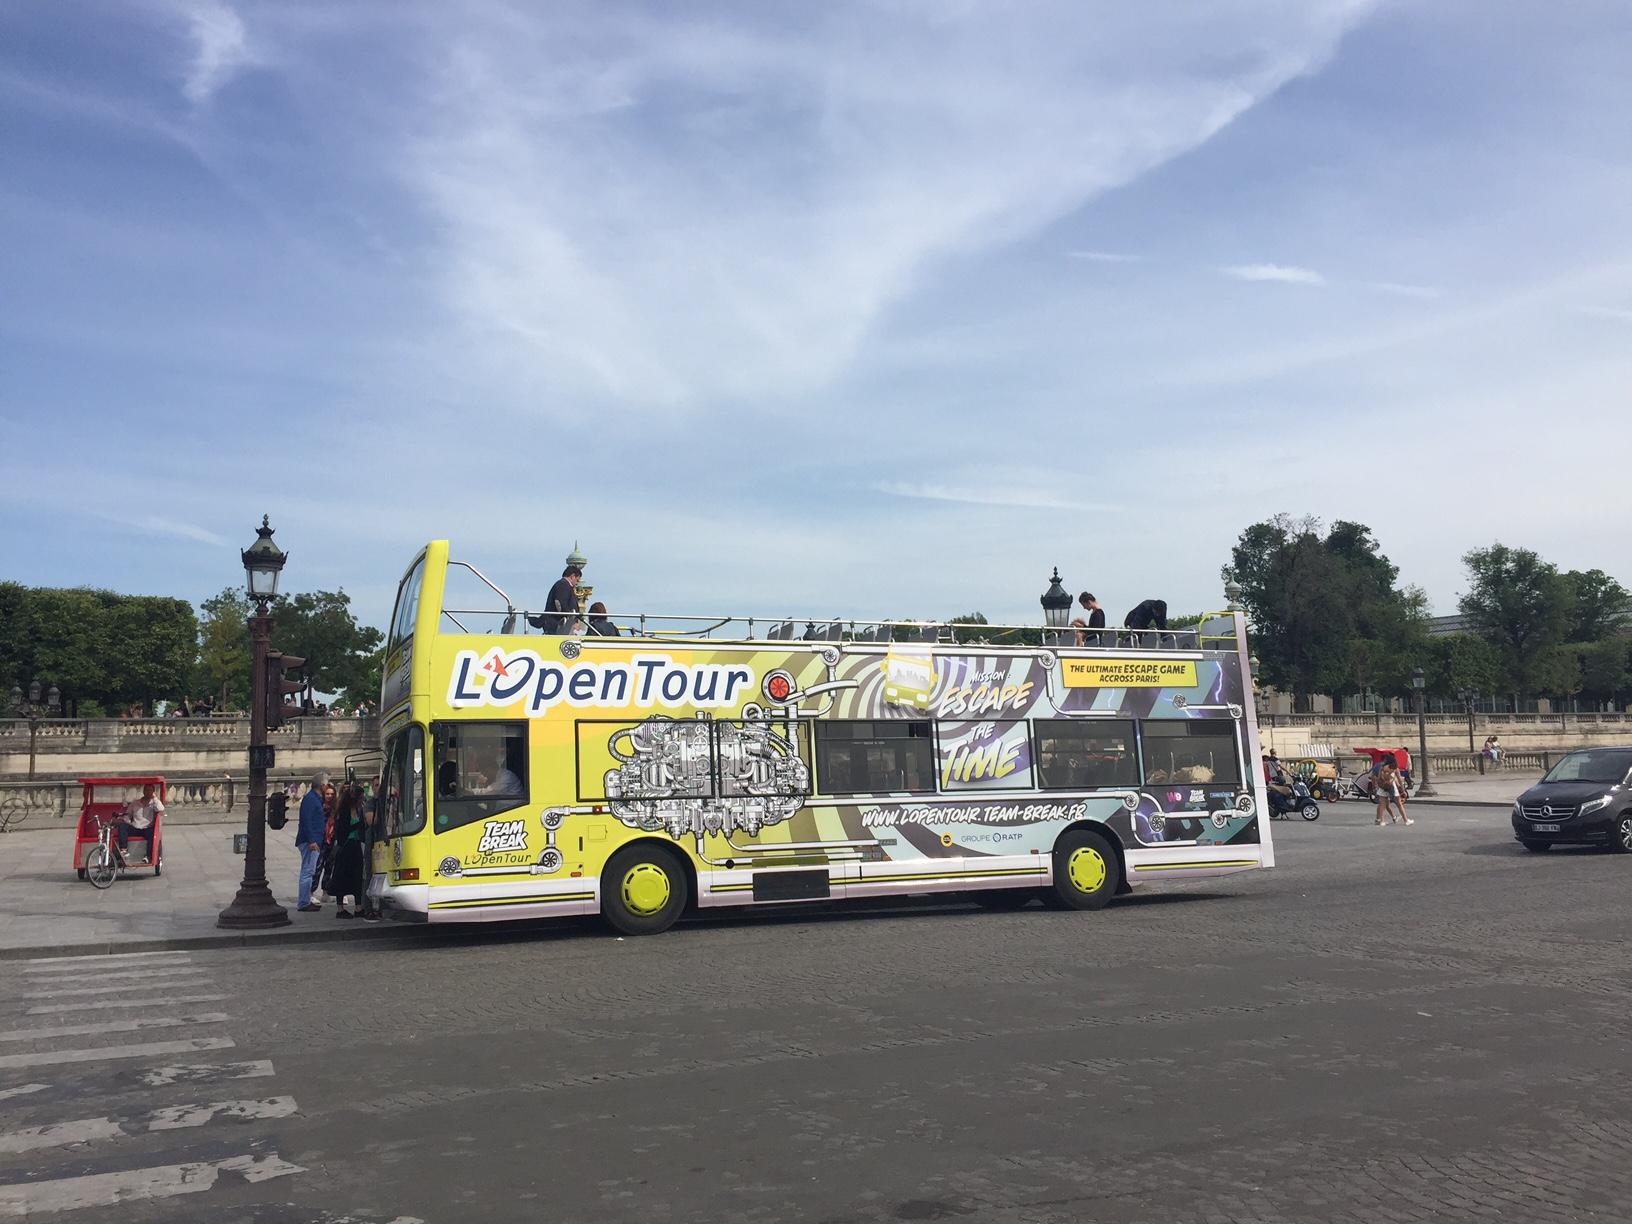 OpenTour, filiale du groupe RATP, organise à bord du bus touristique, des escape games, pour innover avec une visite insolite de Paris. - DR